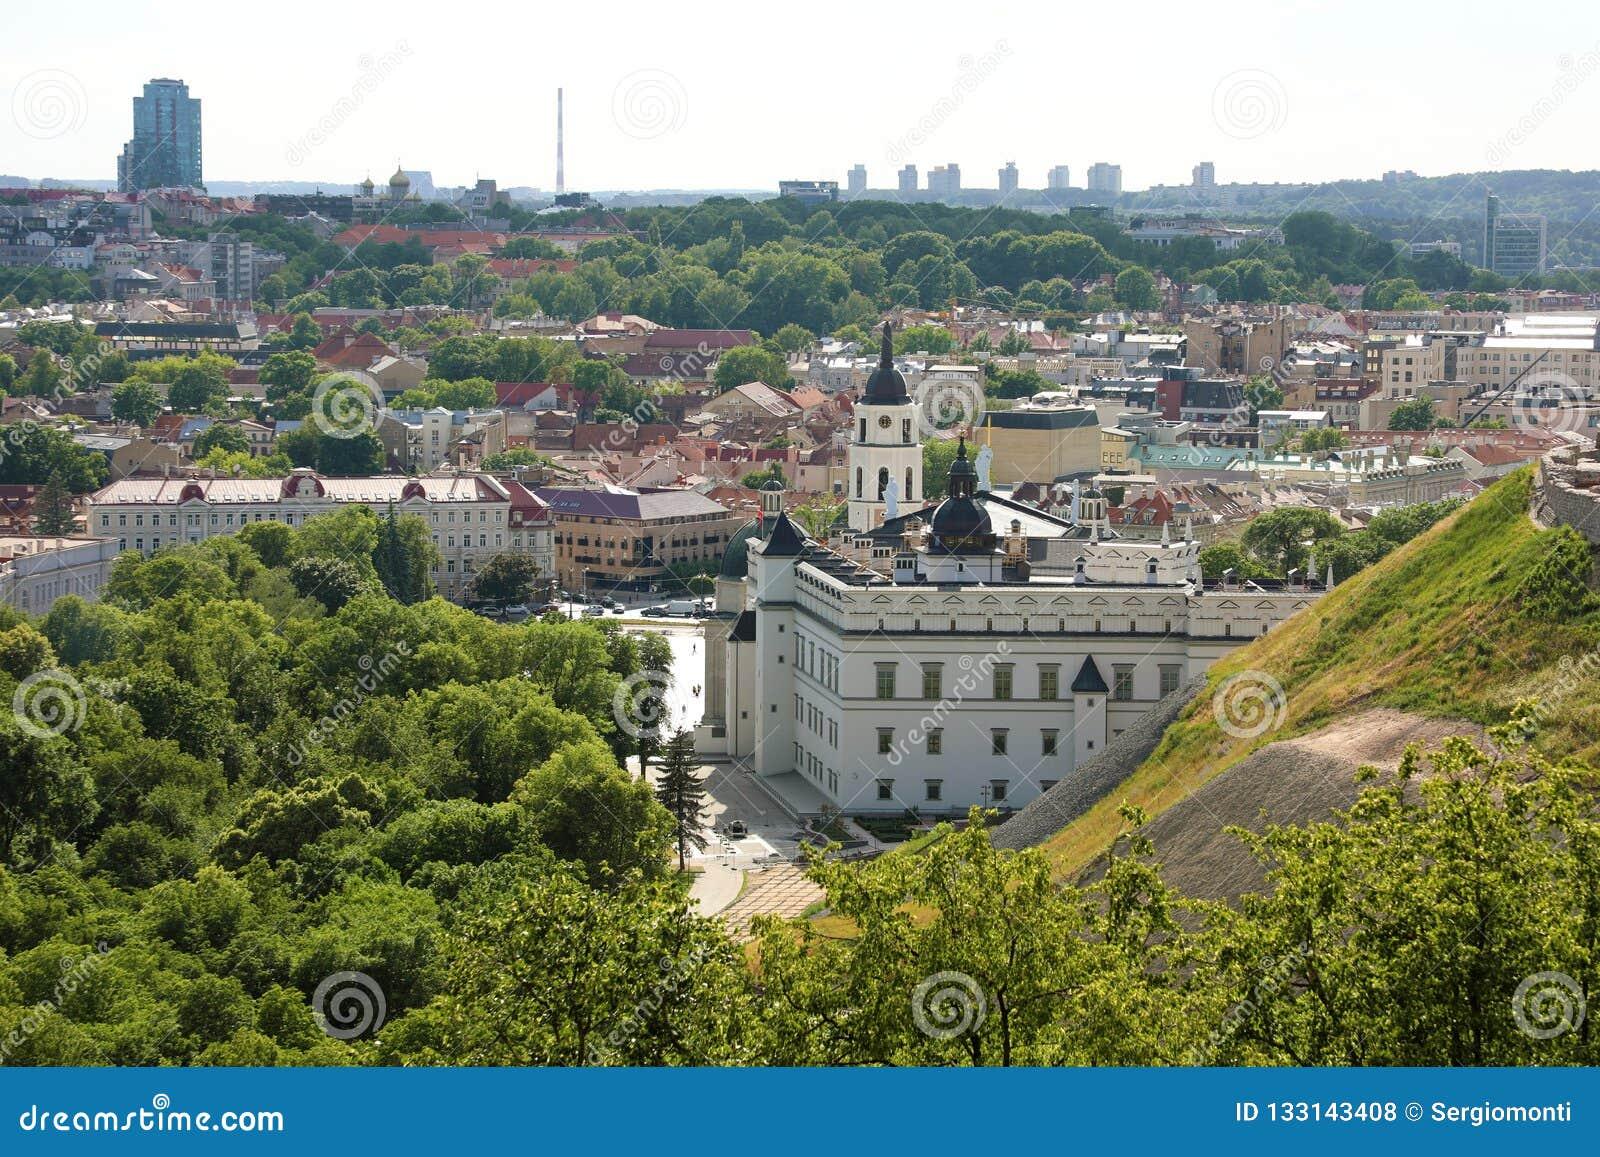 Arquitetura da cidade de Vilnius com catedral e palácio dos duques grandes o